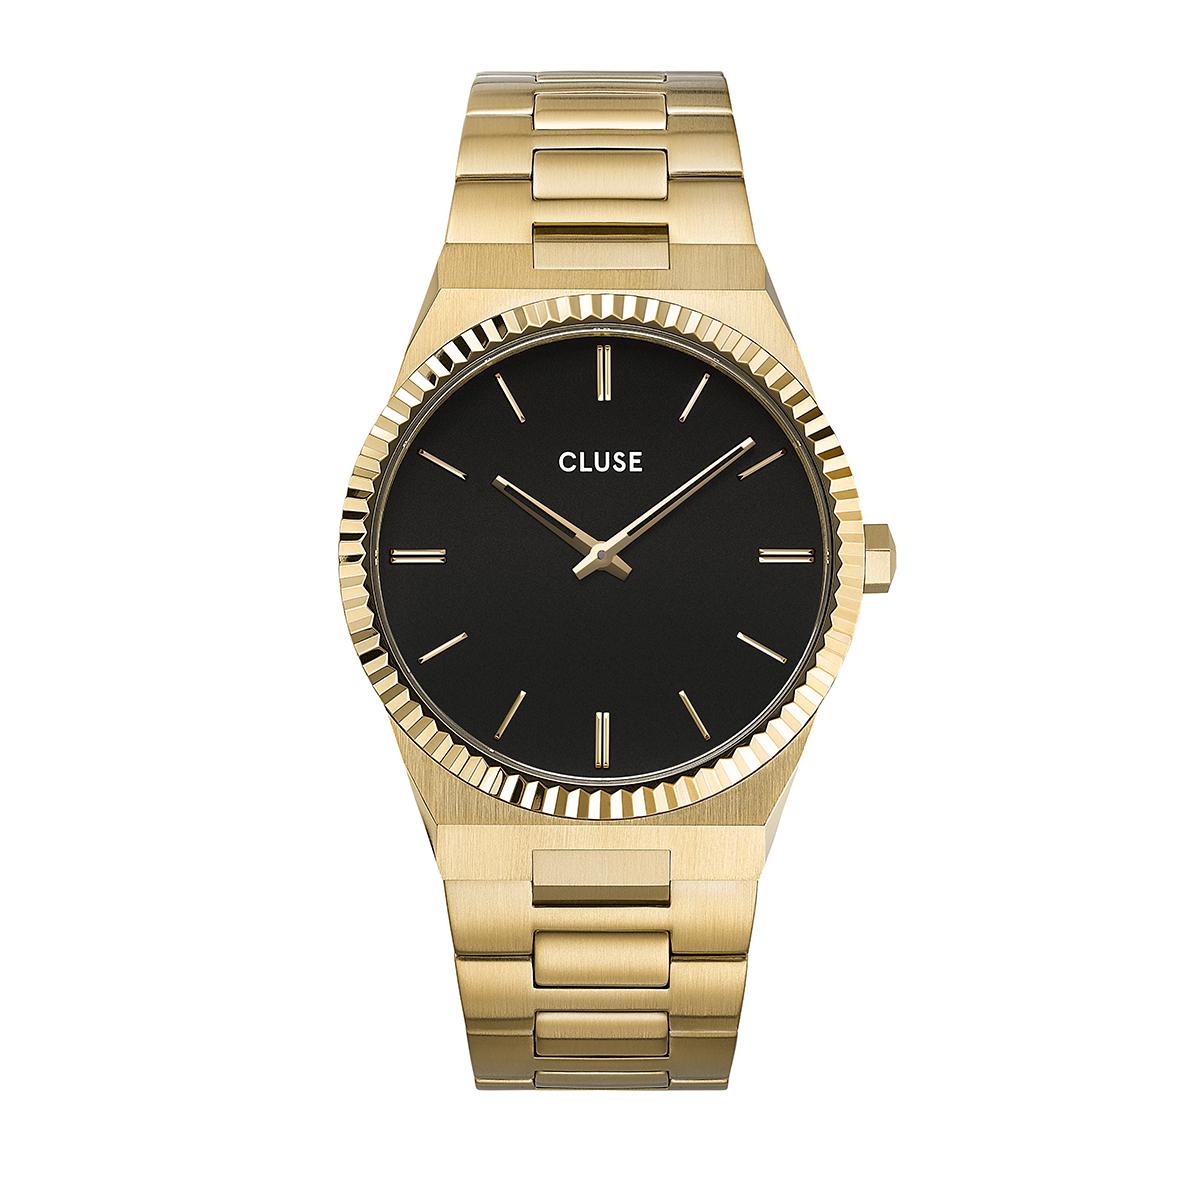 滝沢カレン 着用 40mm - CW0101503007 ヴィグルー40 Hリンク ゴールド ブラック ゴールド CLUSE クルース 腕時計